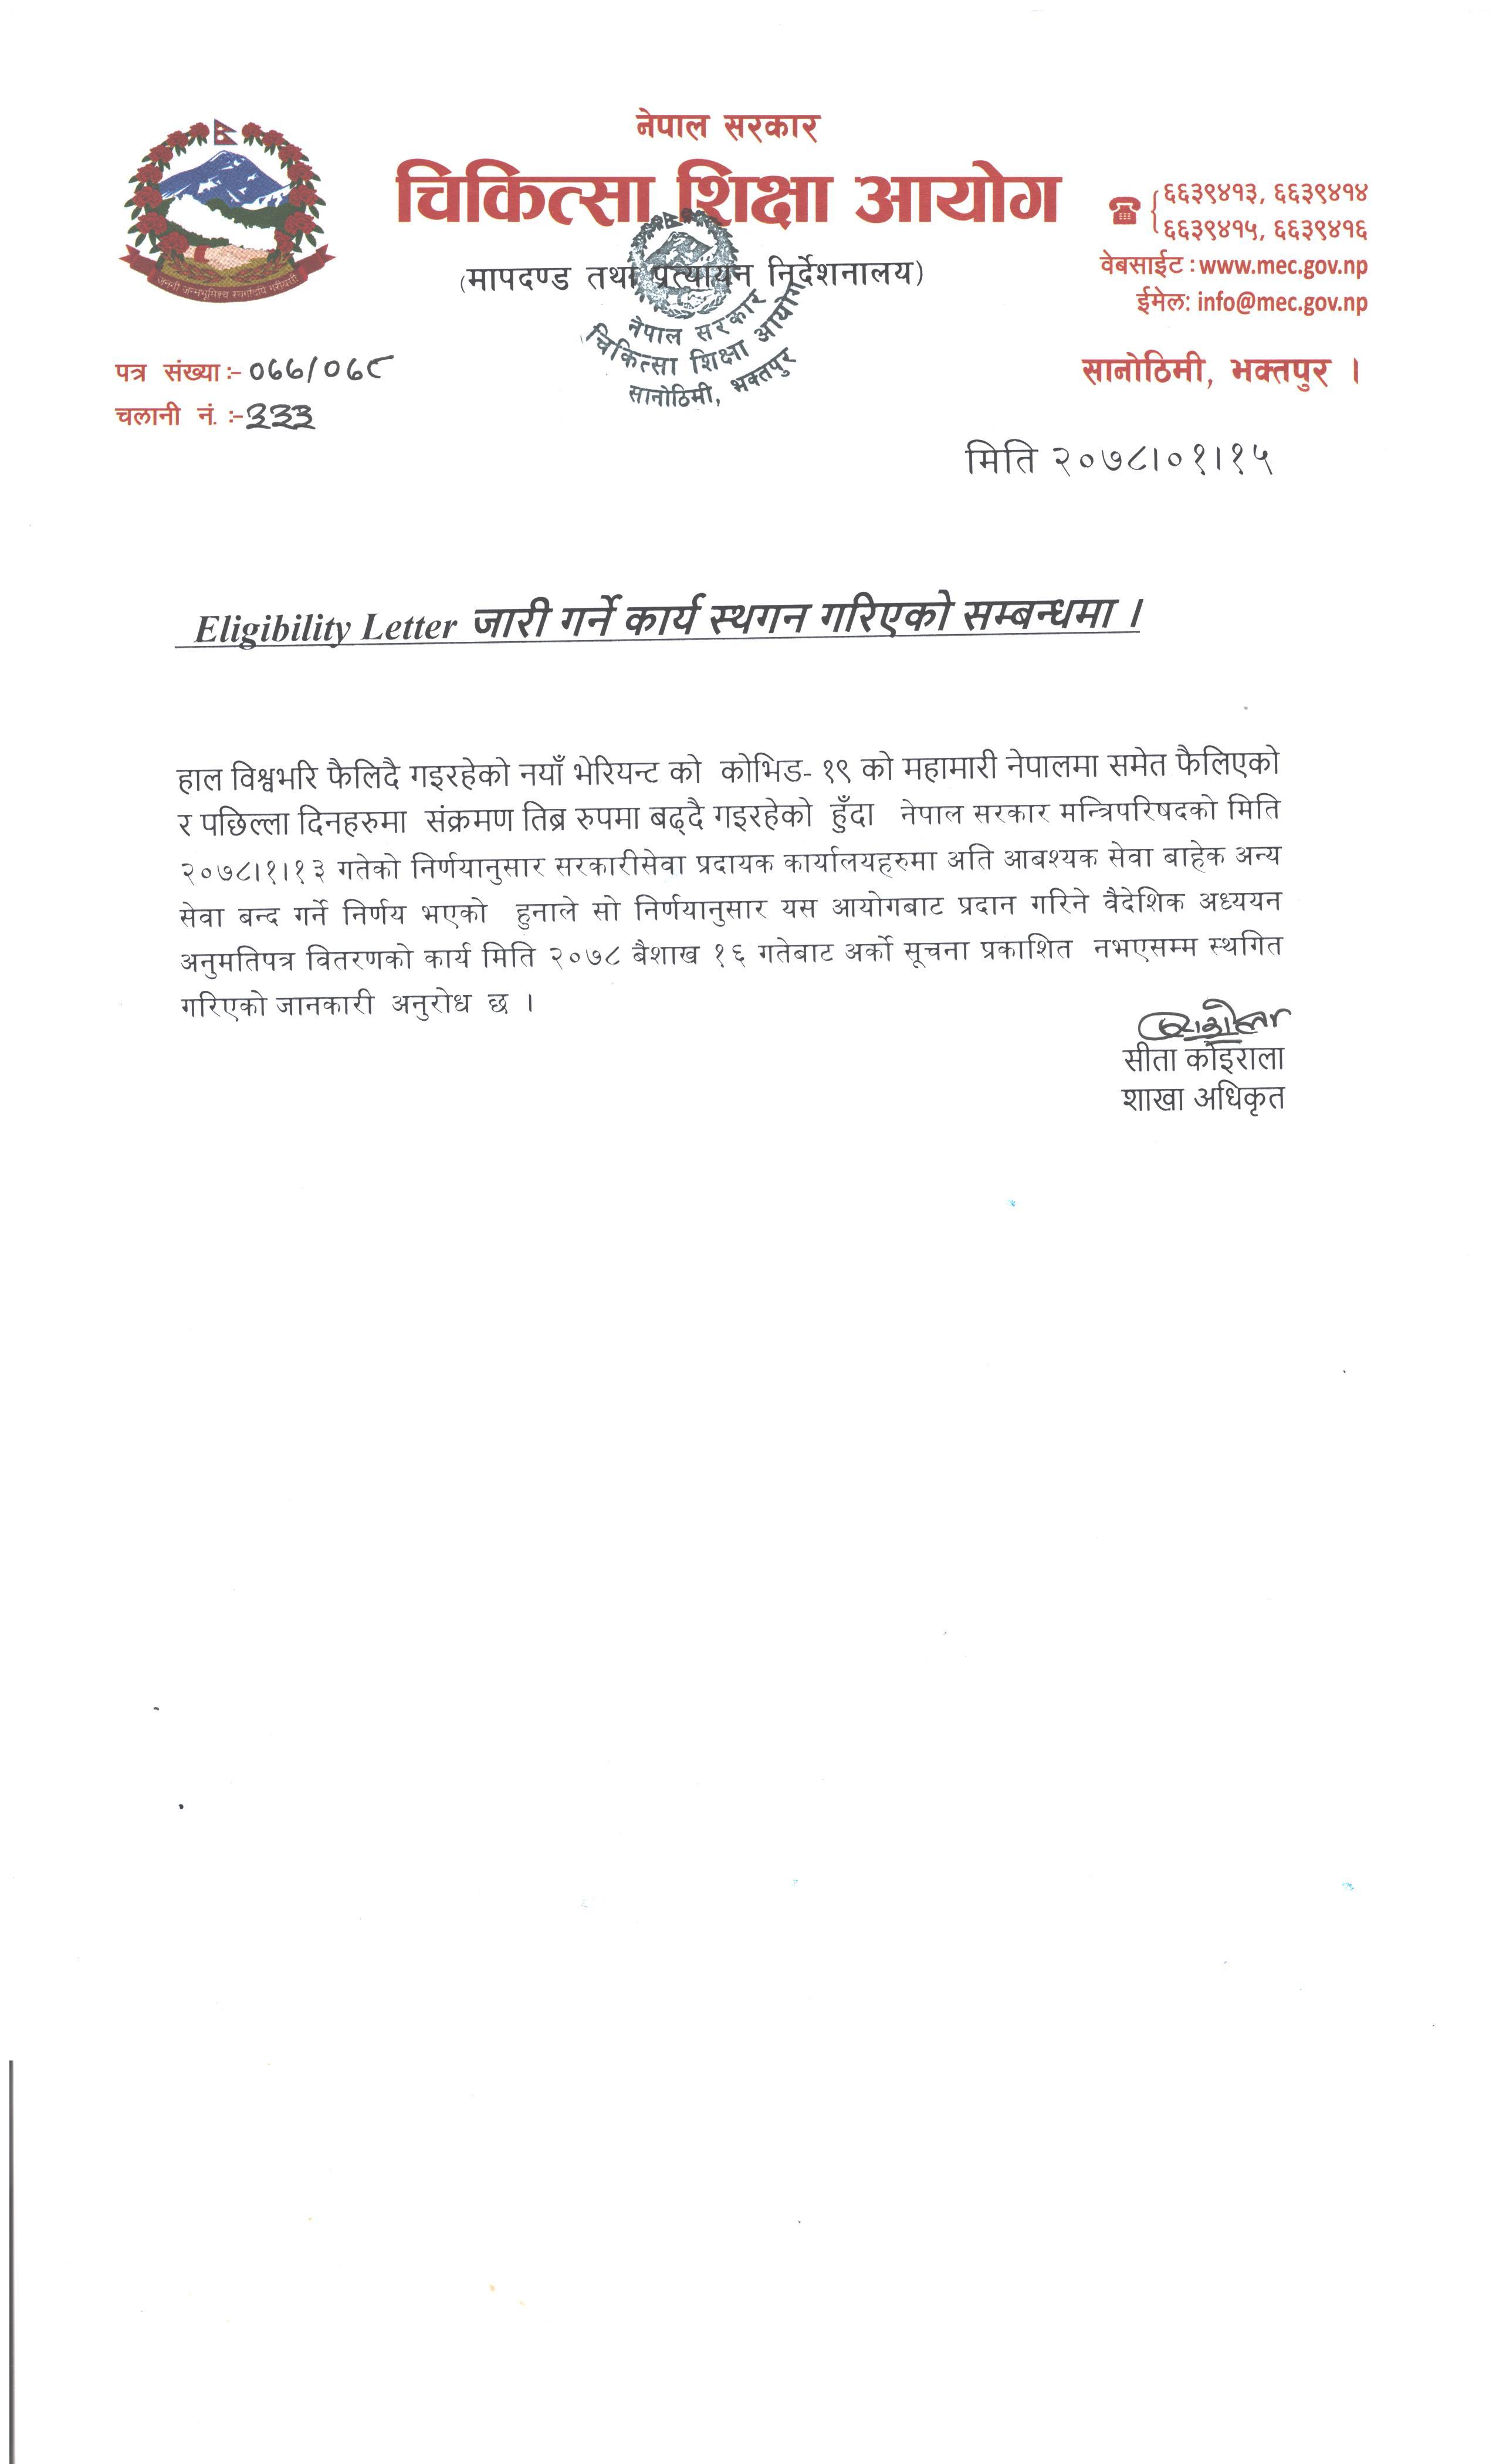 Eligibility Letter जारी गर्ने कार्य स्थगन गरिएको सम्बन्धमा